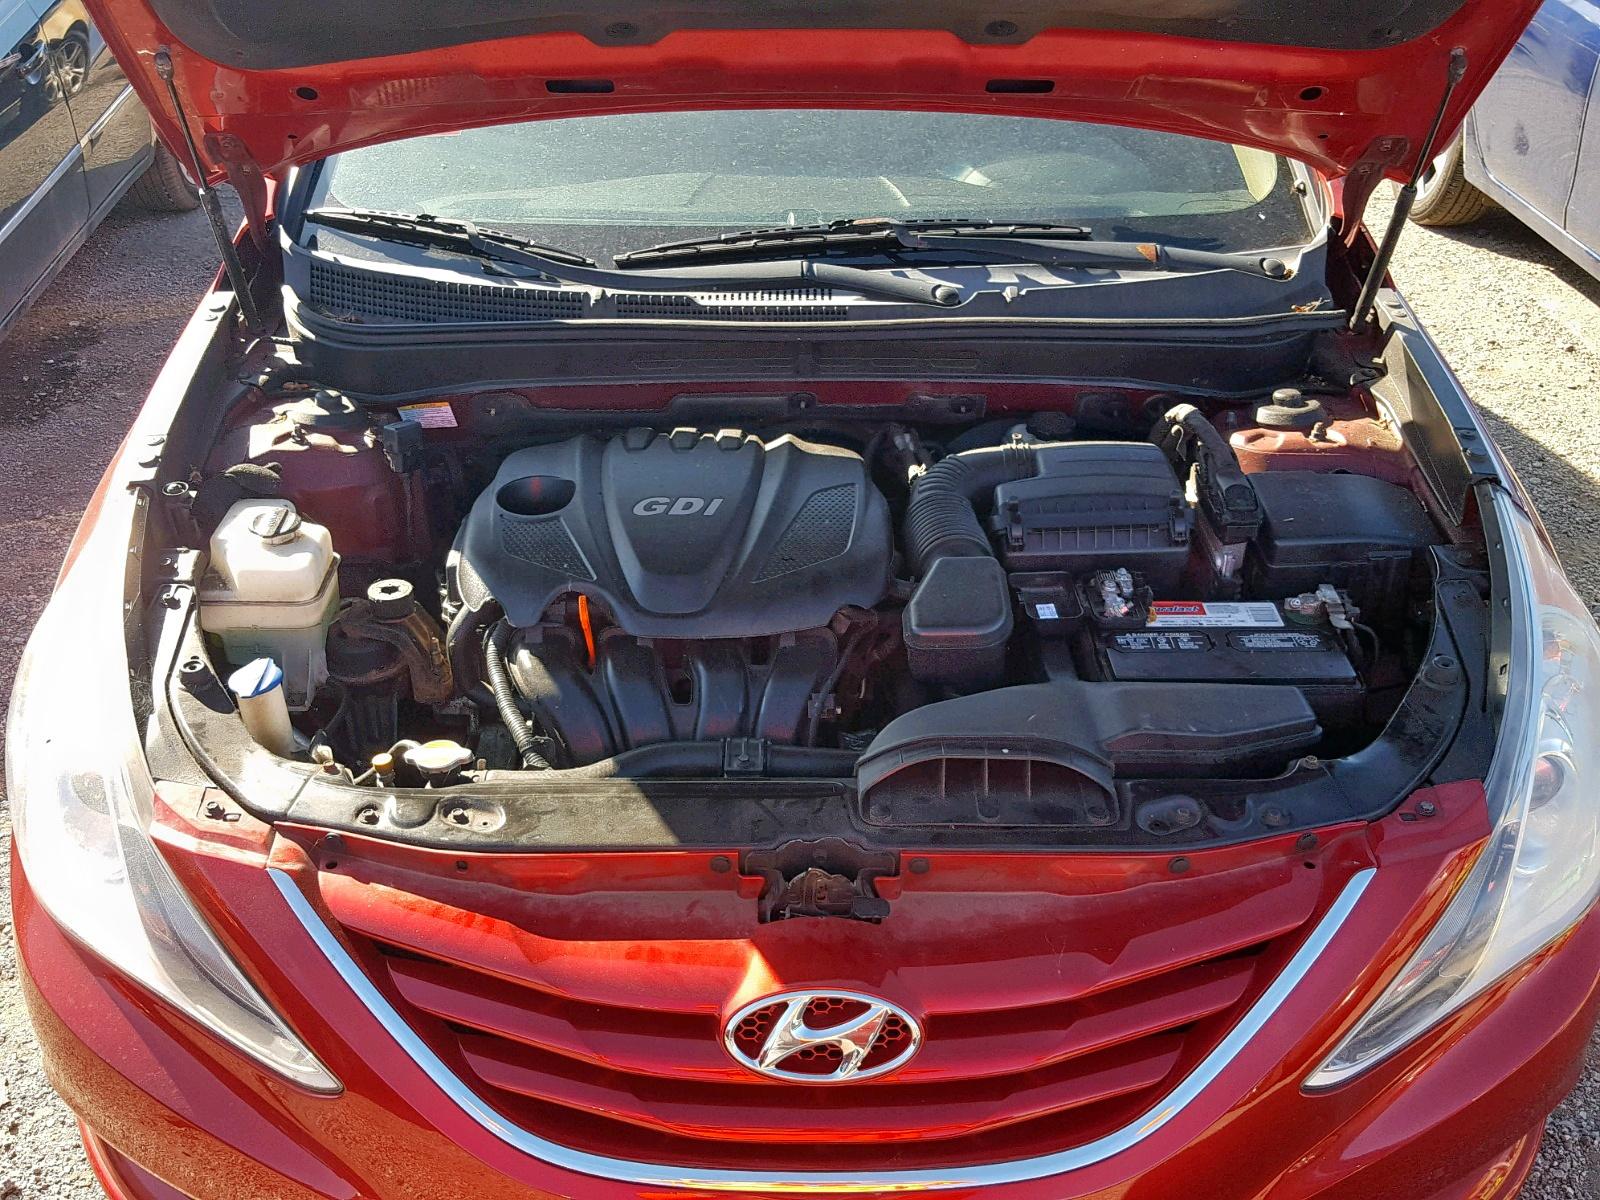 5NPEB4AC3BH042040 - 2011 Hyundai Sonata Gls 2.4L inside view